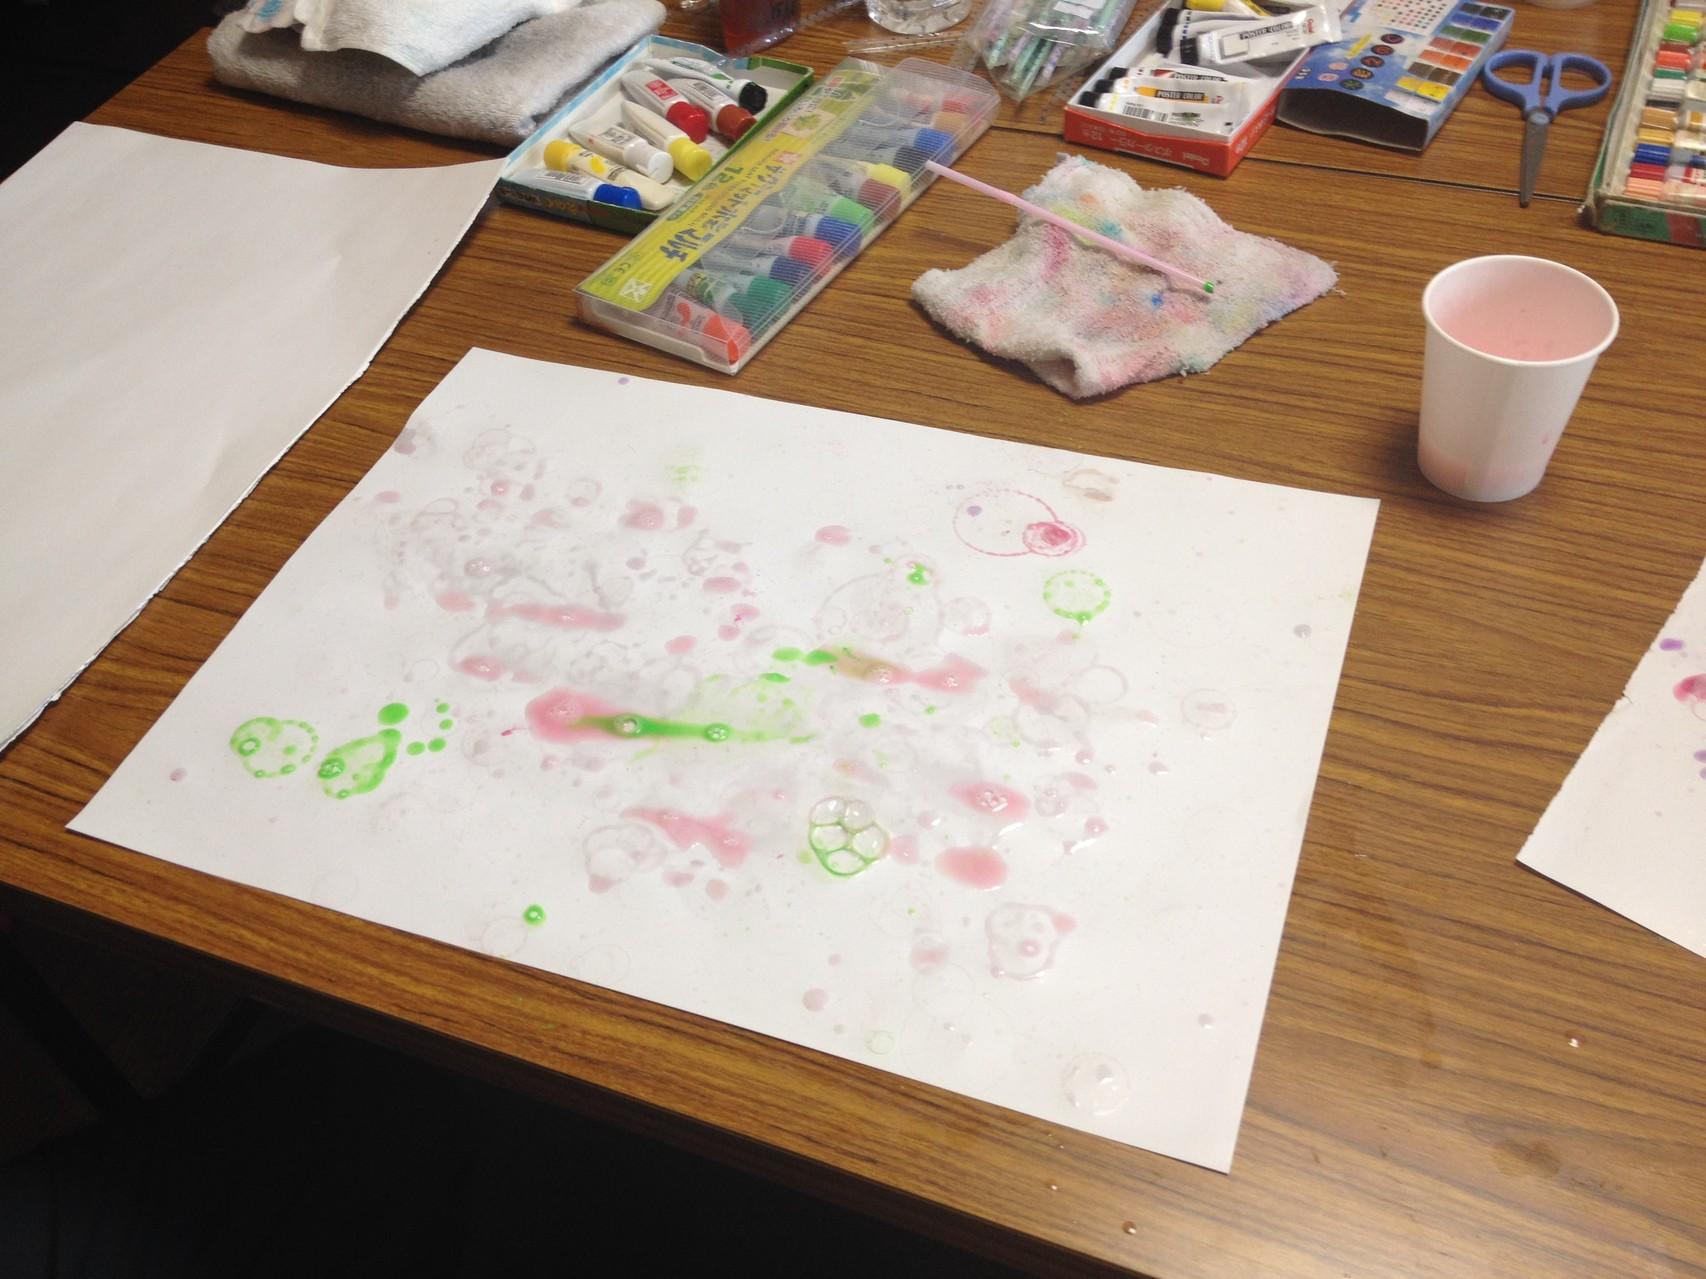 シャボン玉に絵の具を混ぜて紙の上にとばすと・・